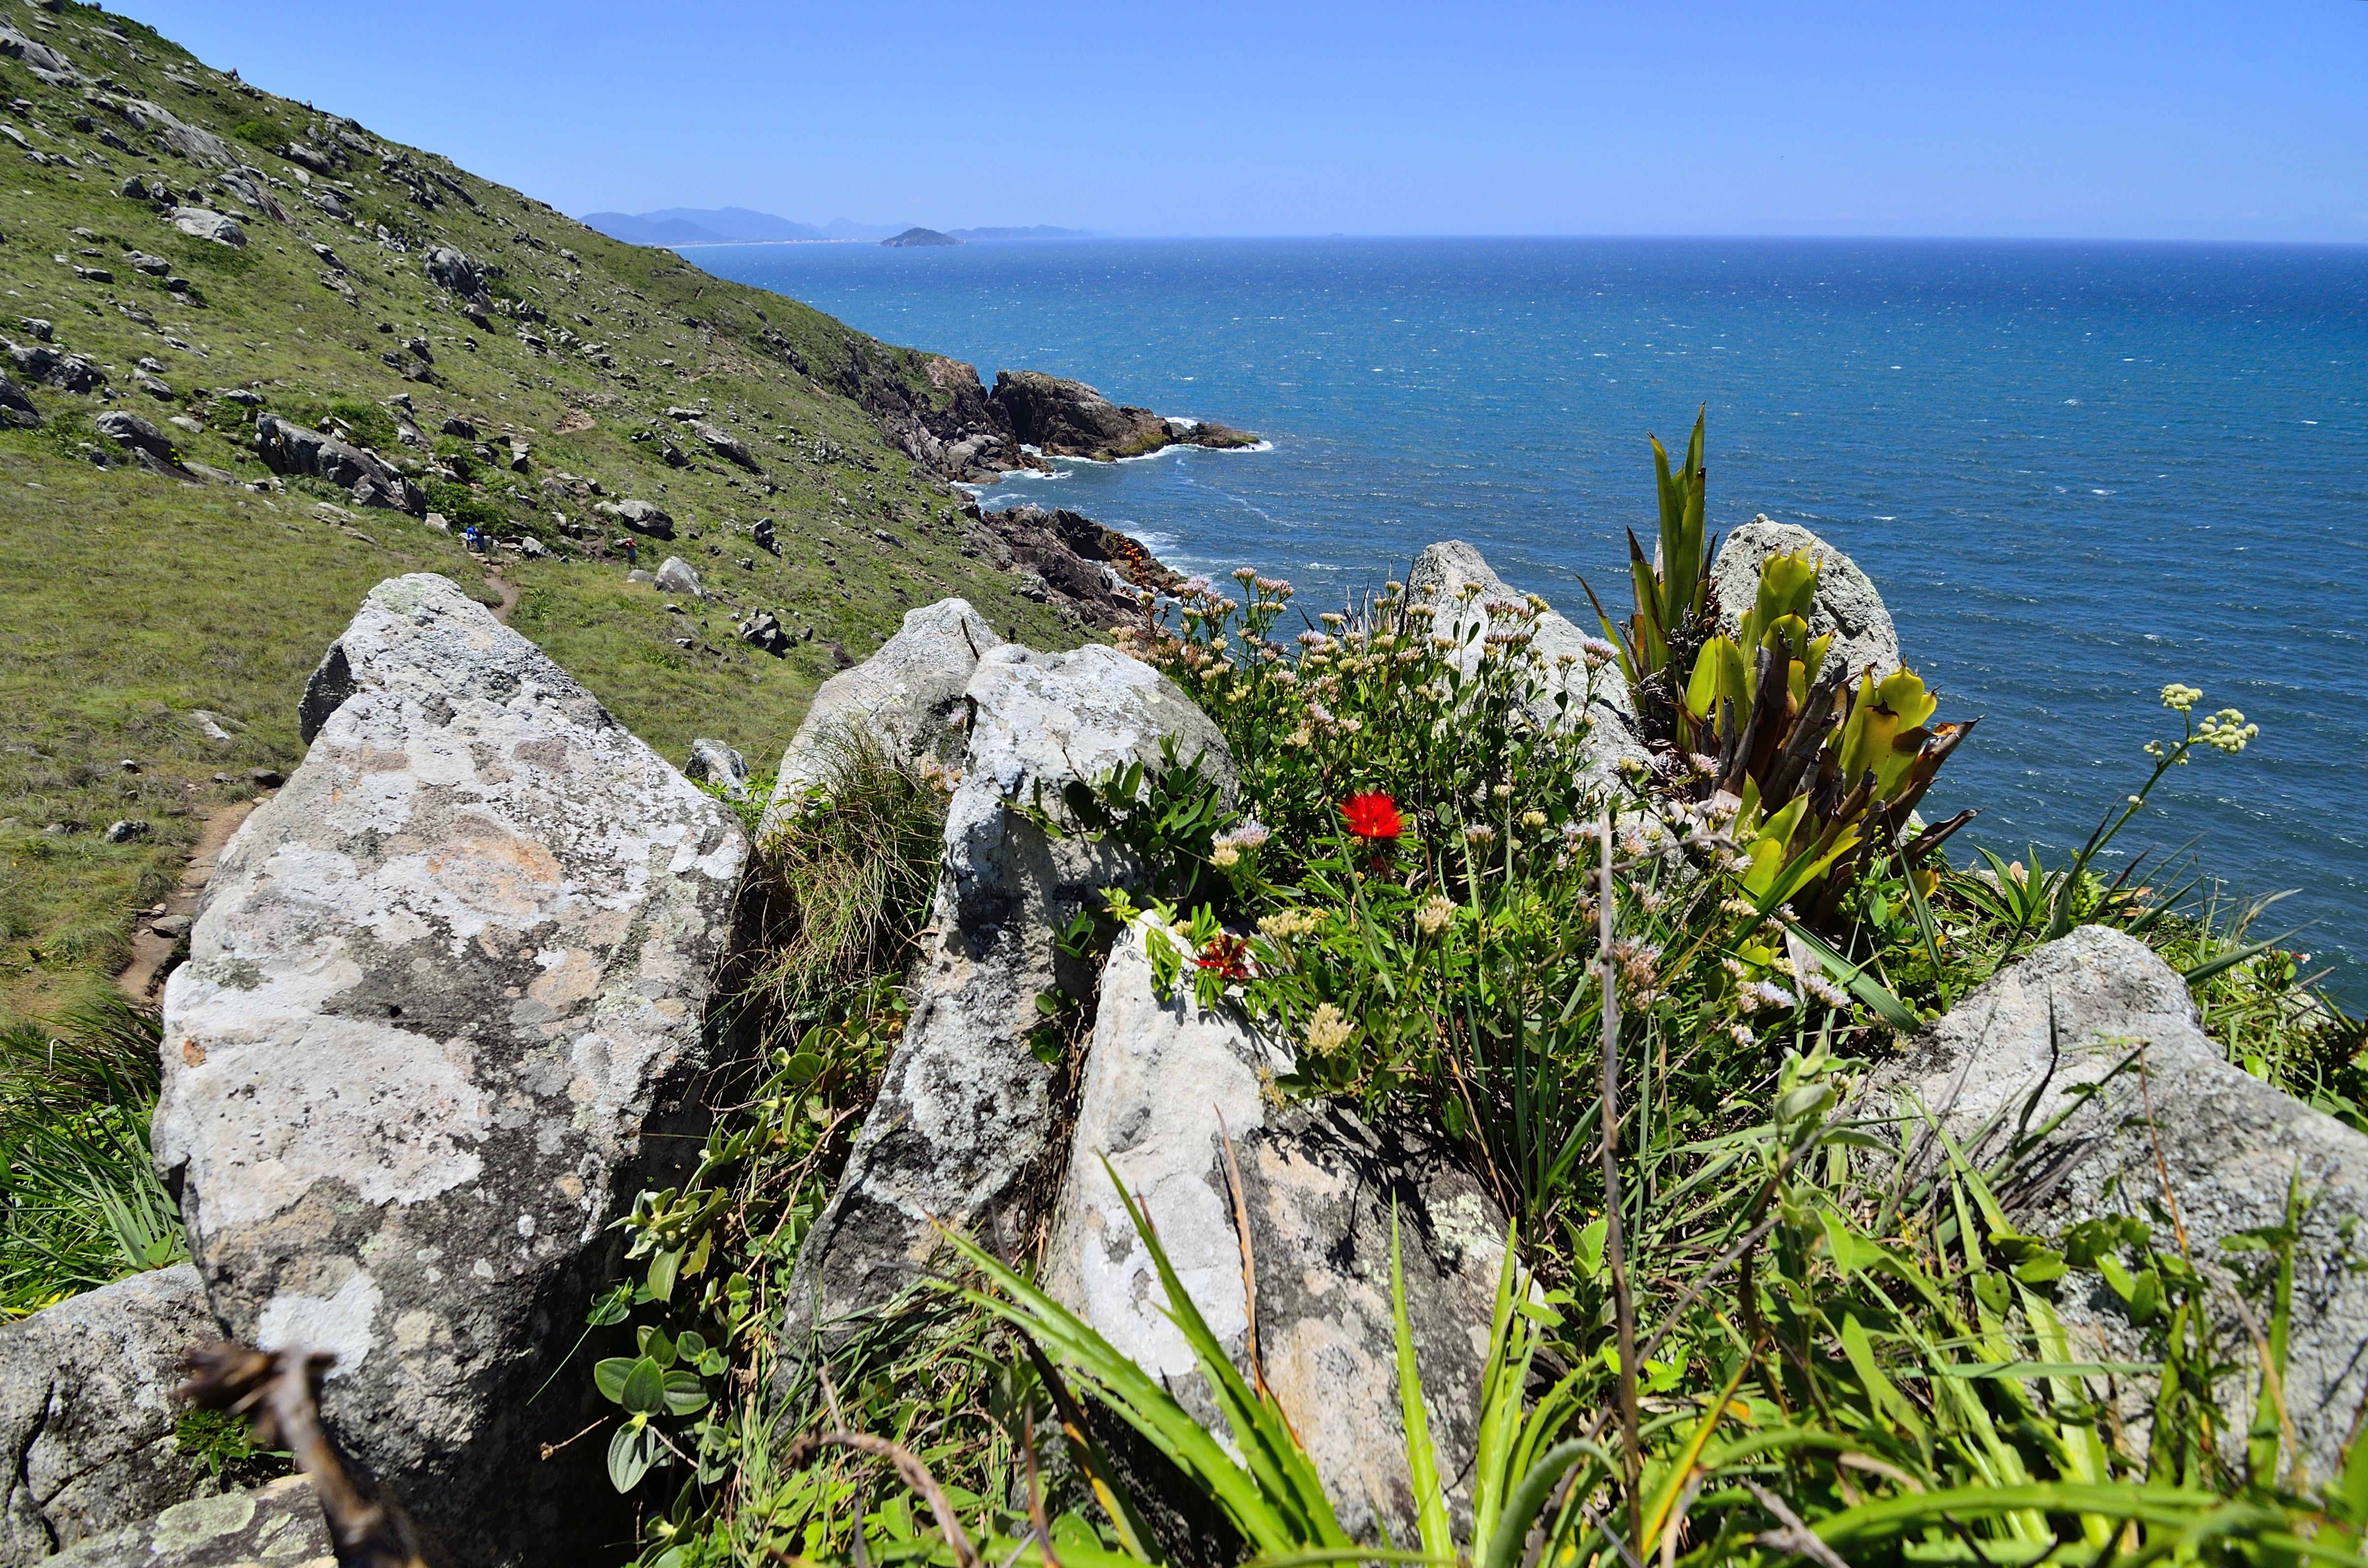 Plantas y piedras, DA, Morro, Outdoor, Paisaje, HQ Photo